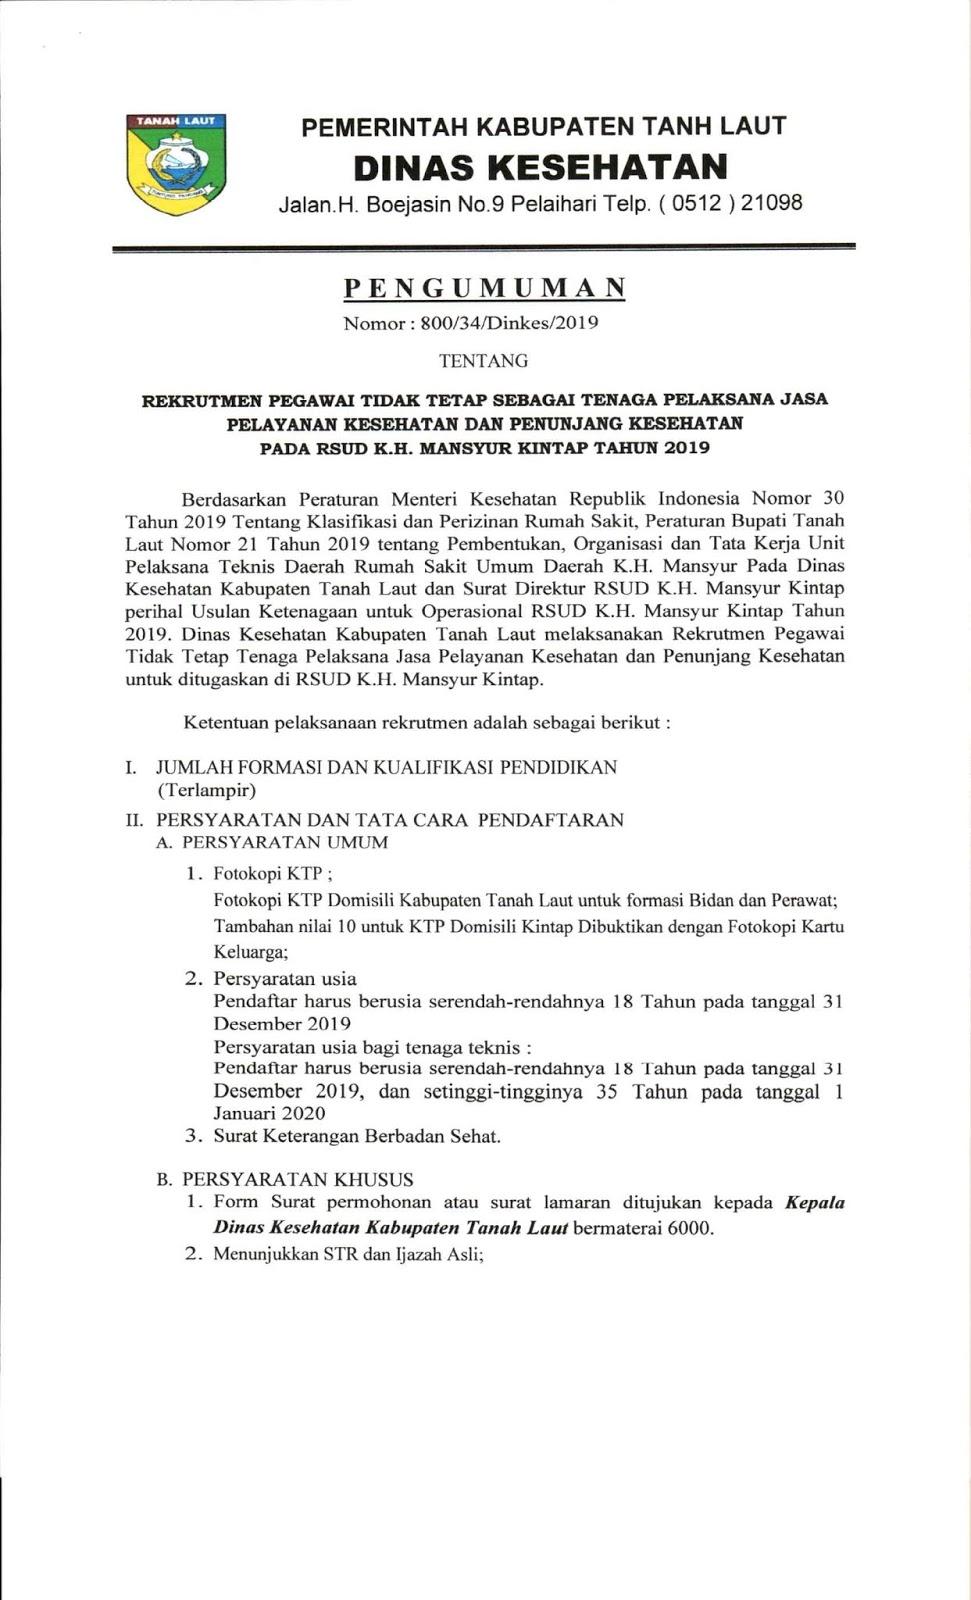 Lowongan Kerja PTT Dinas Kesehatan RSUD K.H. Mansyur Kintap Oktober 2019